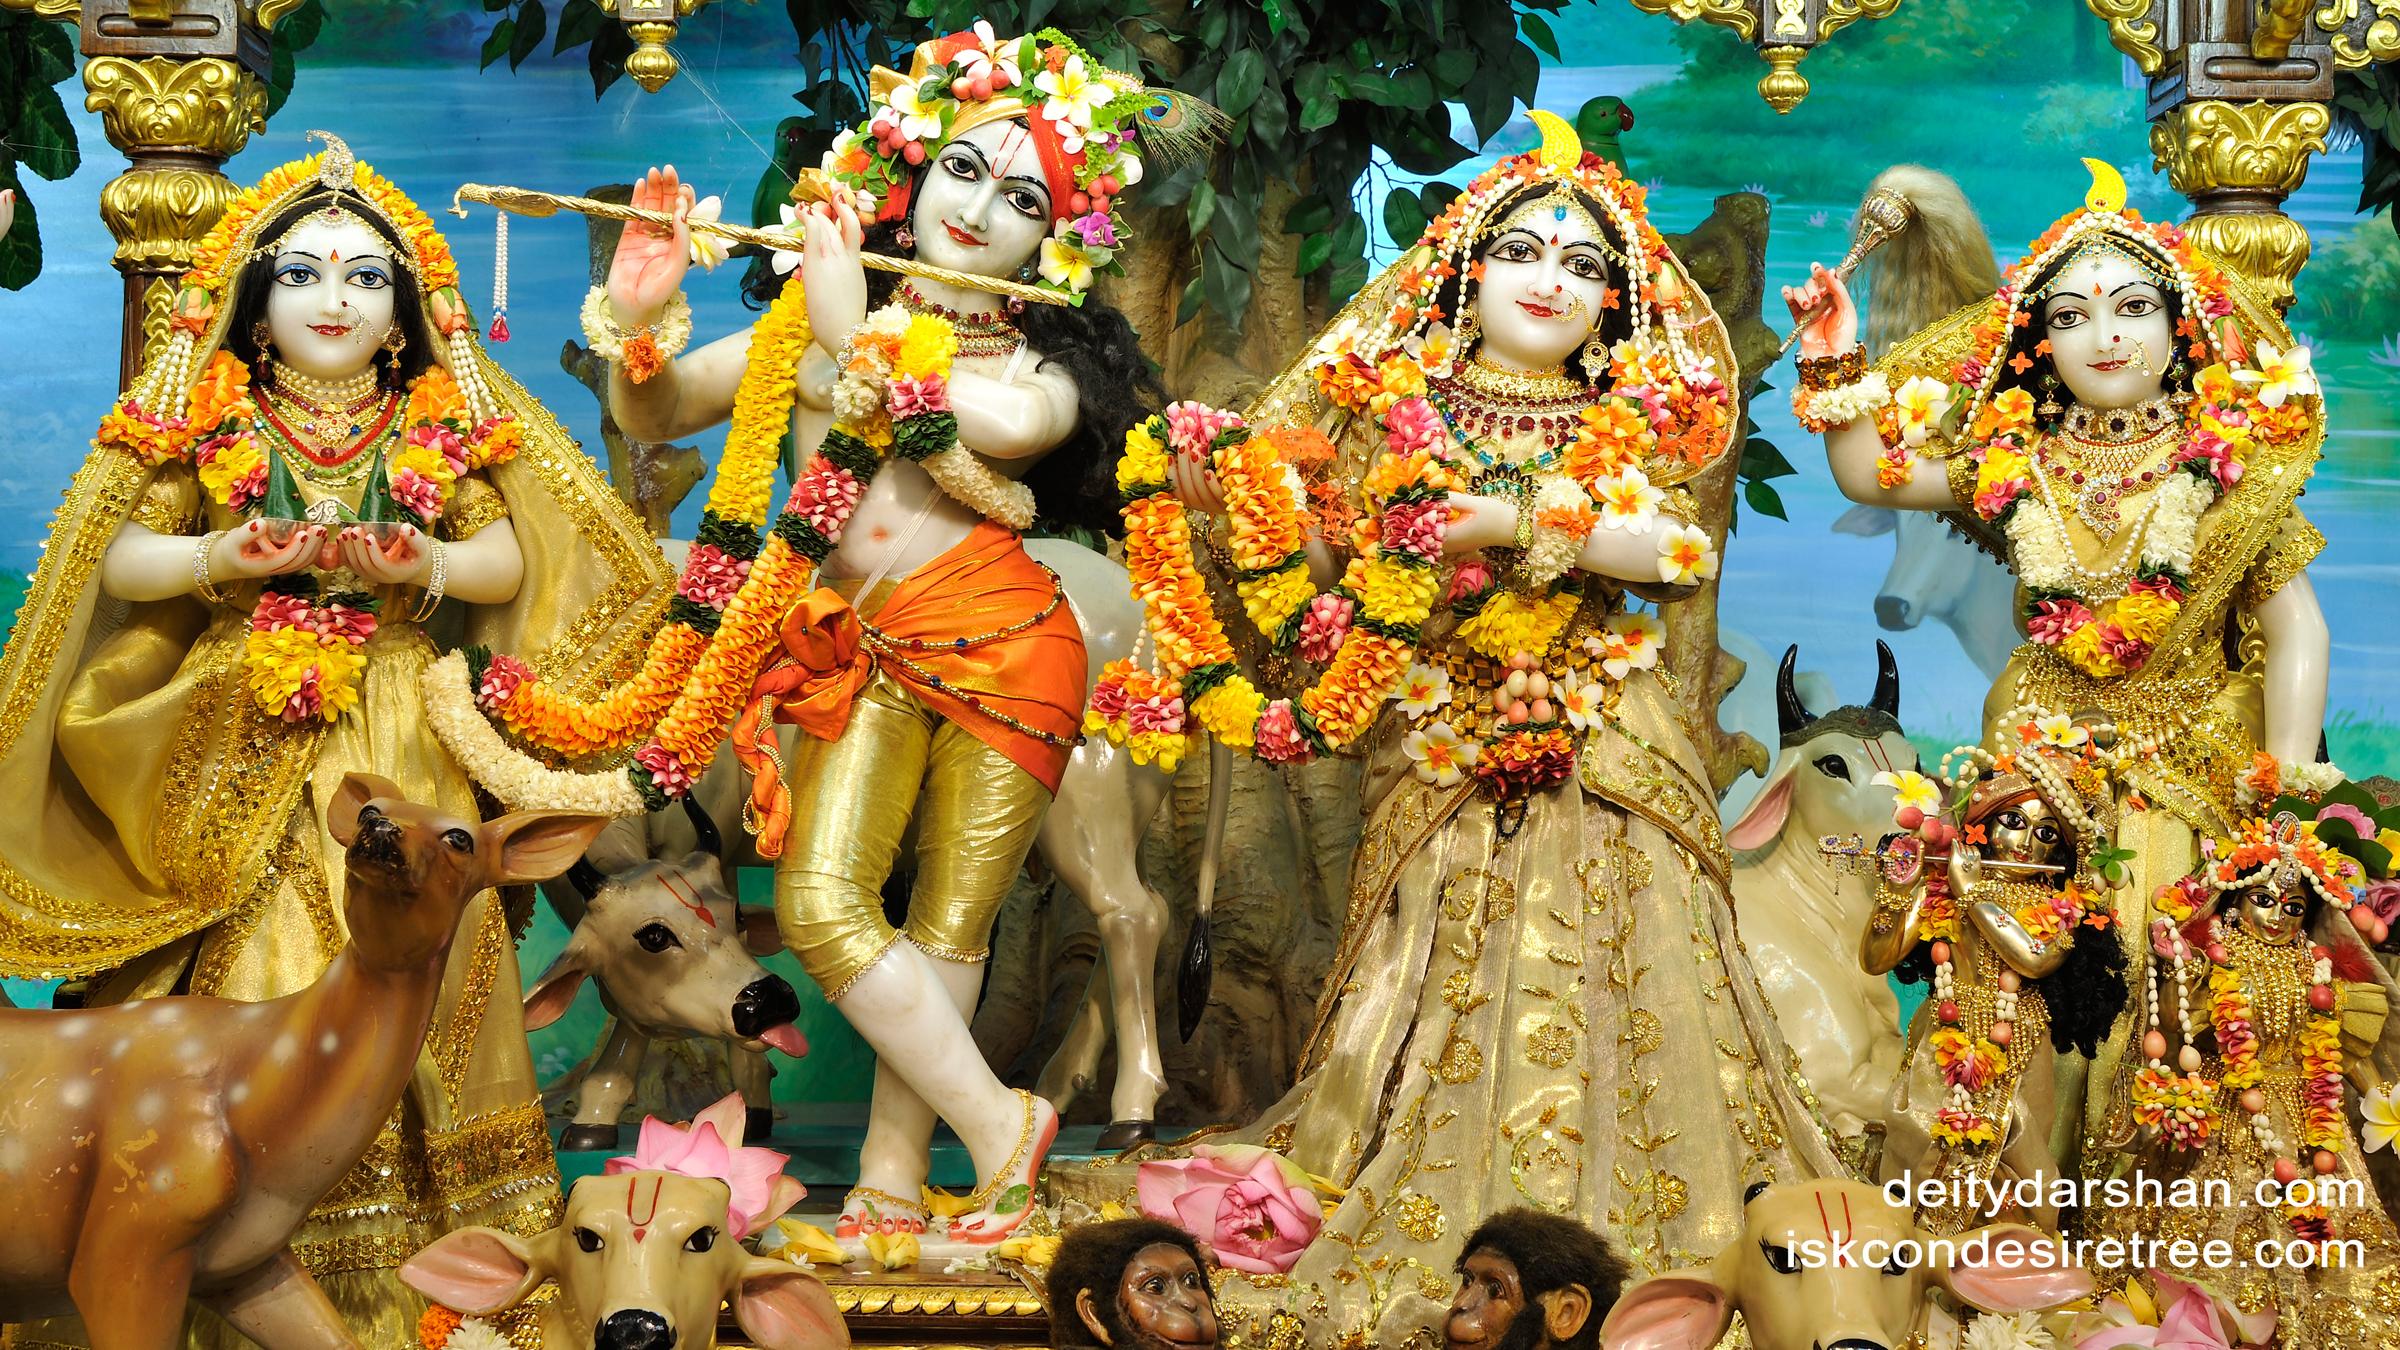 Sri Sri Radha Gopinath Lalita Vishakha Wallpaper (023) Size 2400x1350 Download